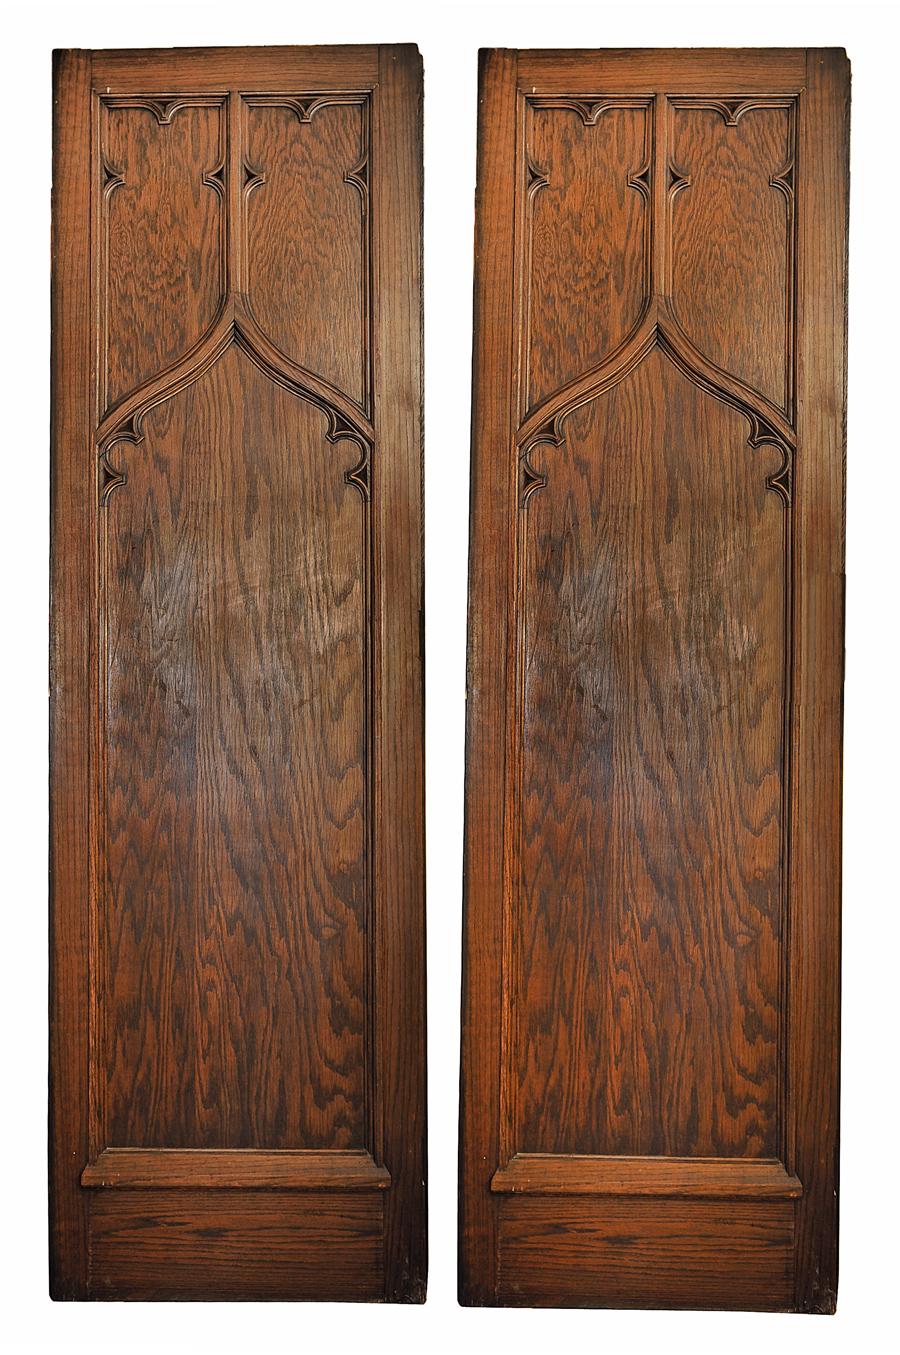 oak gothic inlaid panel door & oak gothic inlaid panel door \u2014 ARCHITECTURAL ANTIQUES